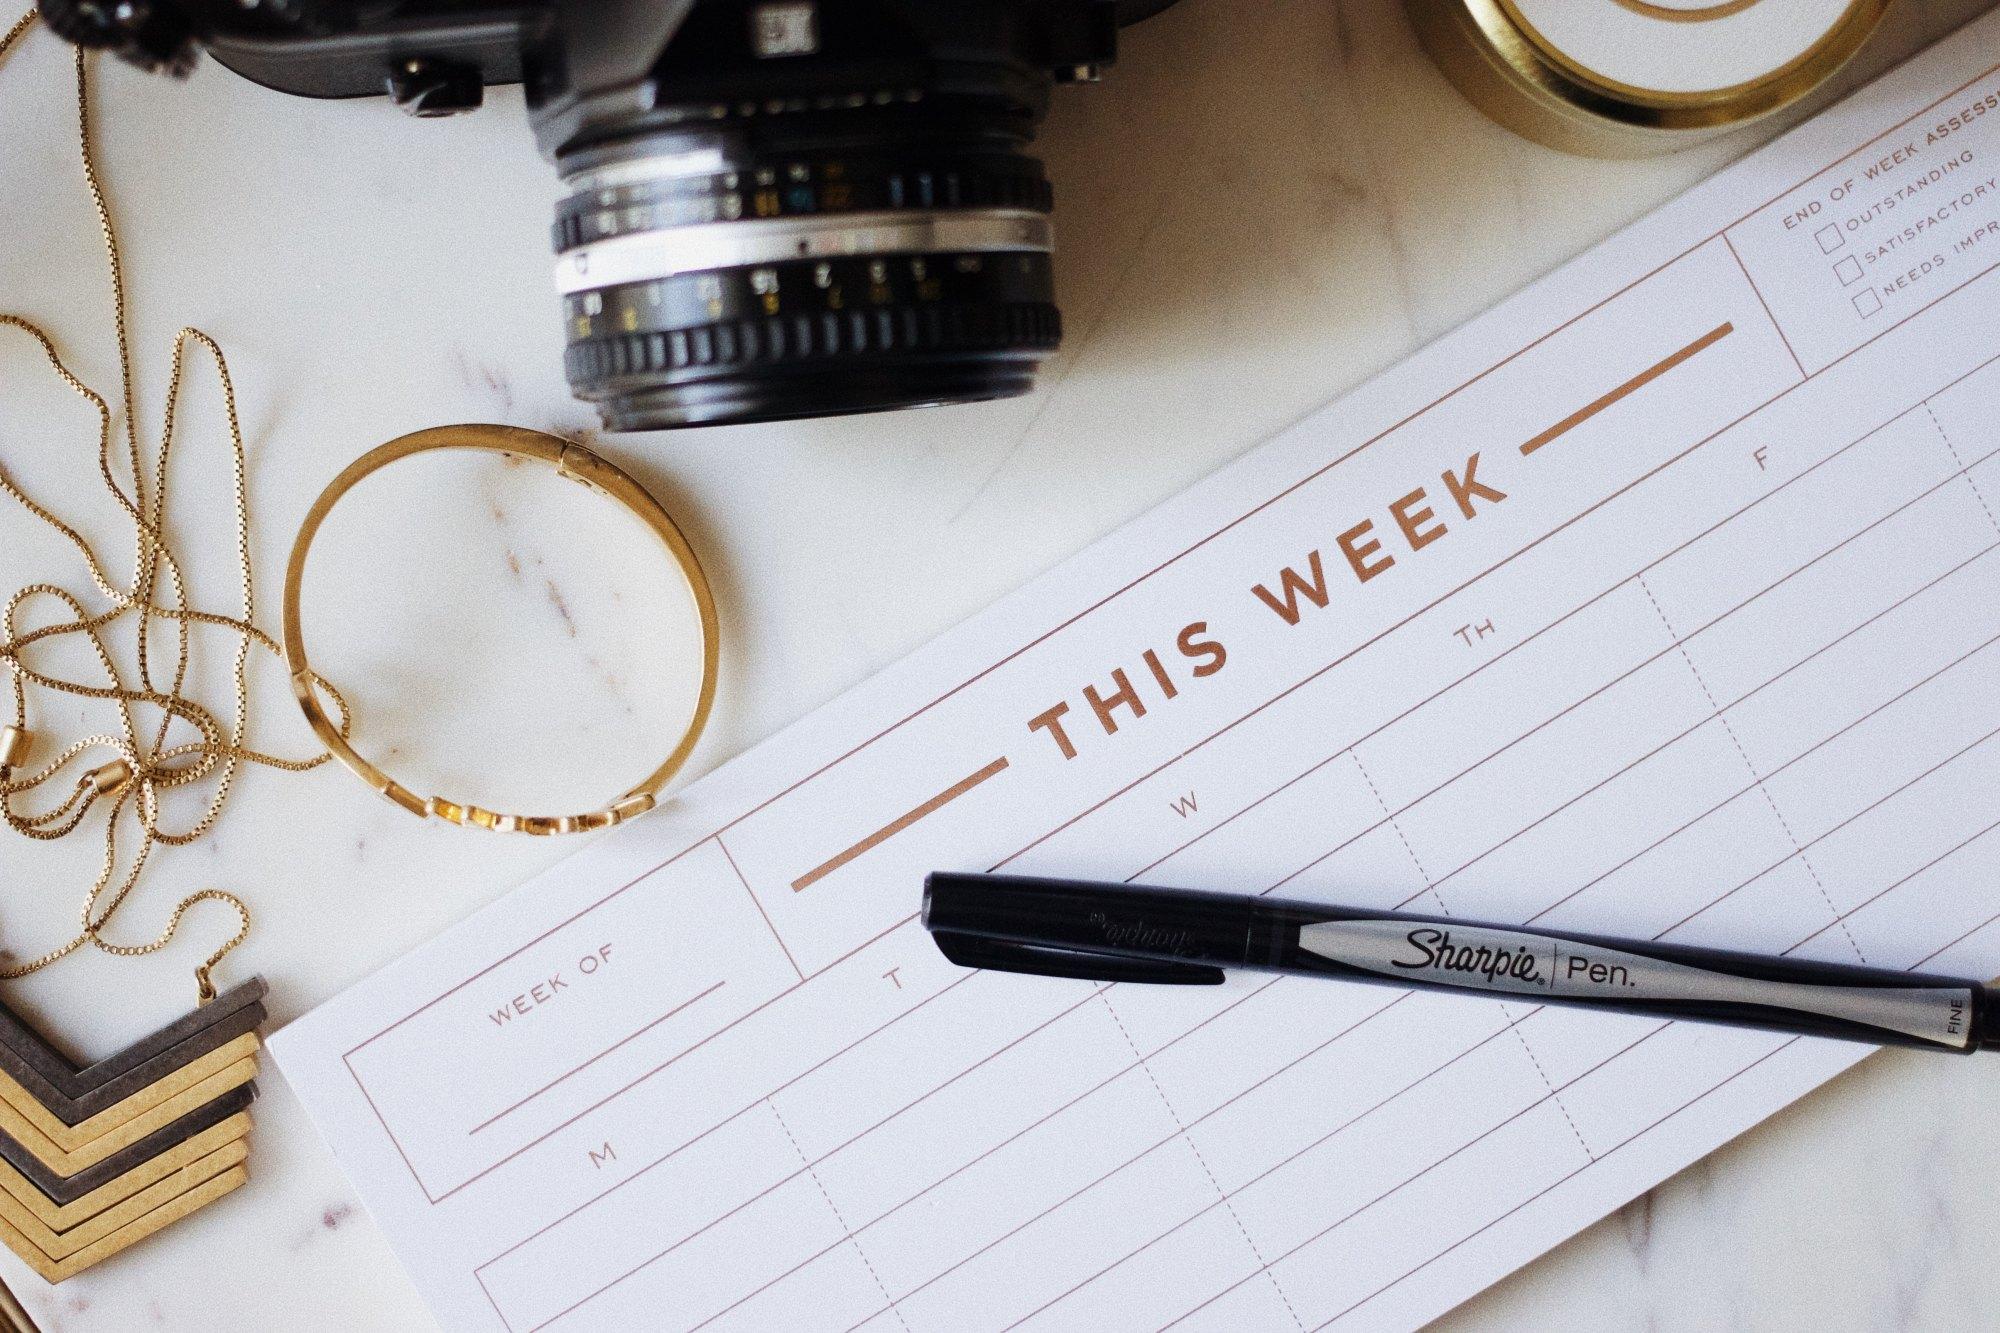 This Week schedule image